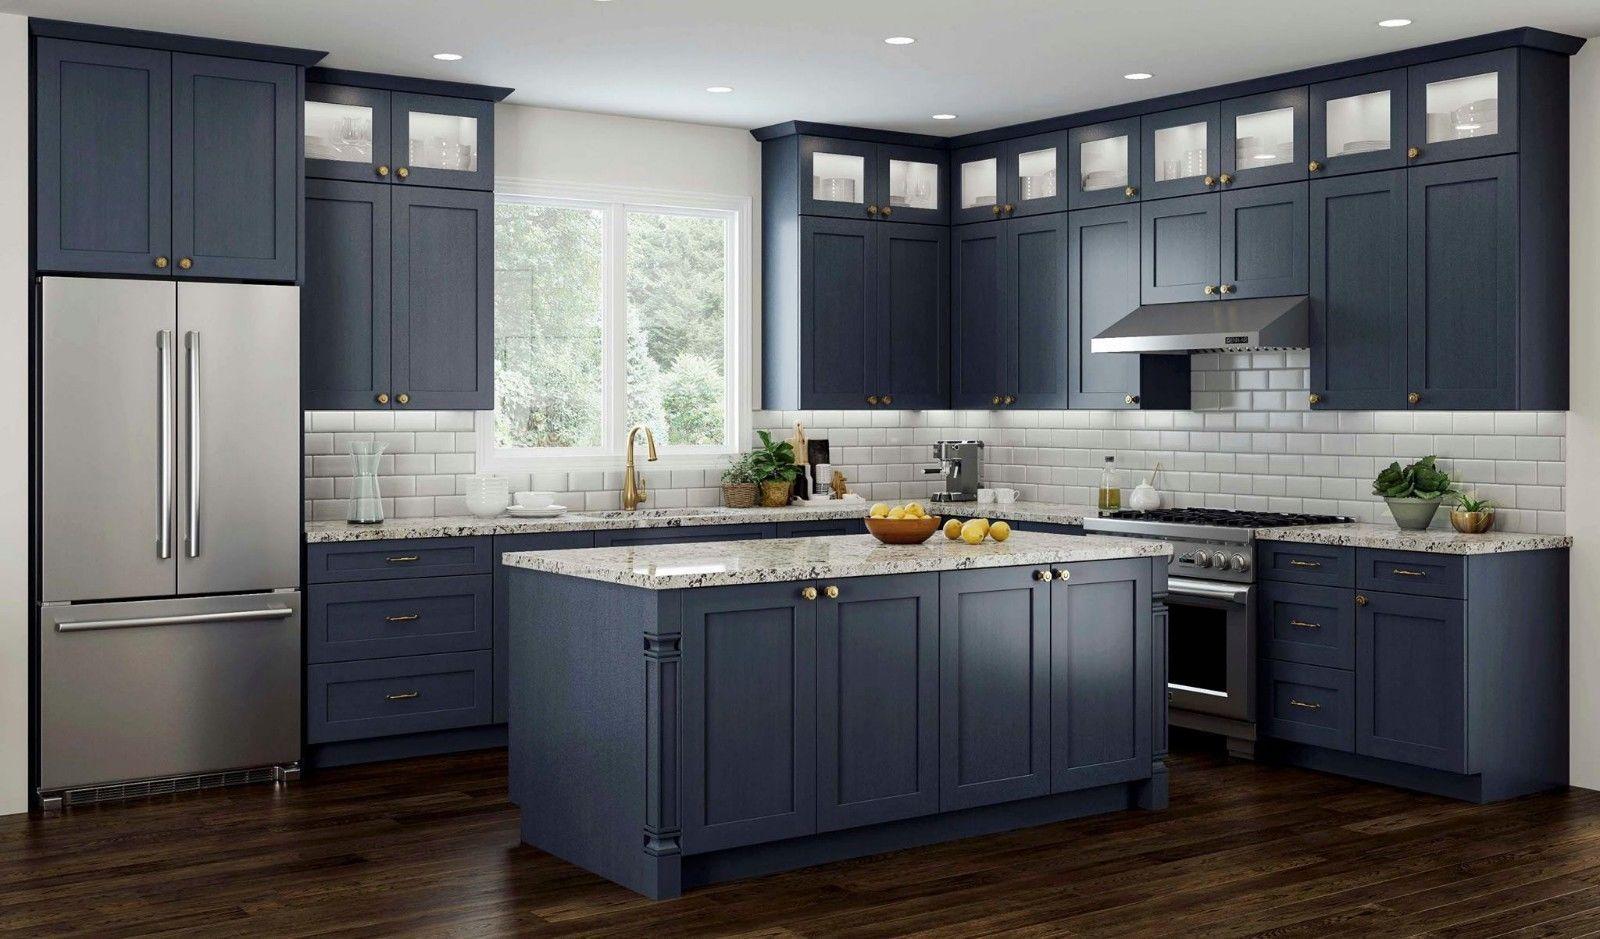 11 X 14 Door Sample In Elegant Ocean Blue Shaker Kitchen Cabinet Vanity Cabinets Shaker Kitchen Cabinets Refacing Kitchen Cabinets Blue Shaker Kitchen